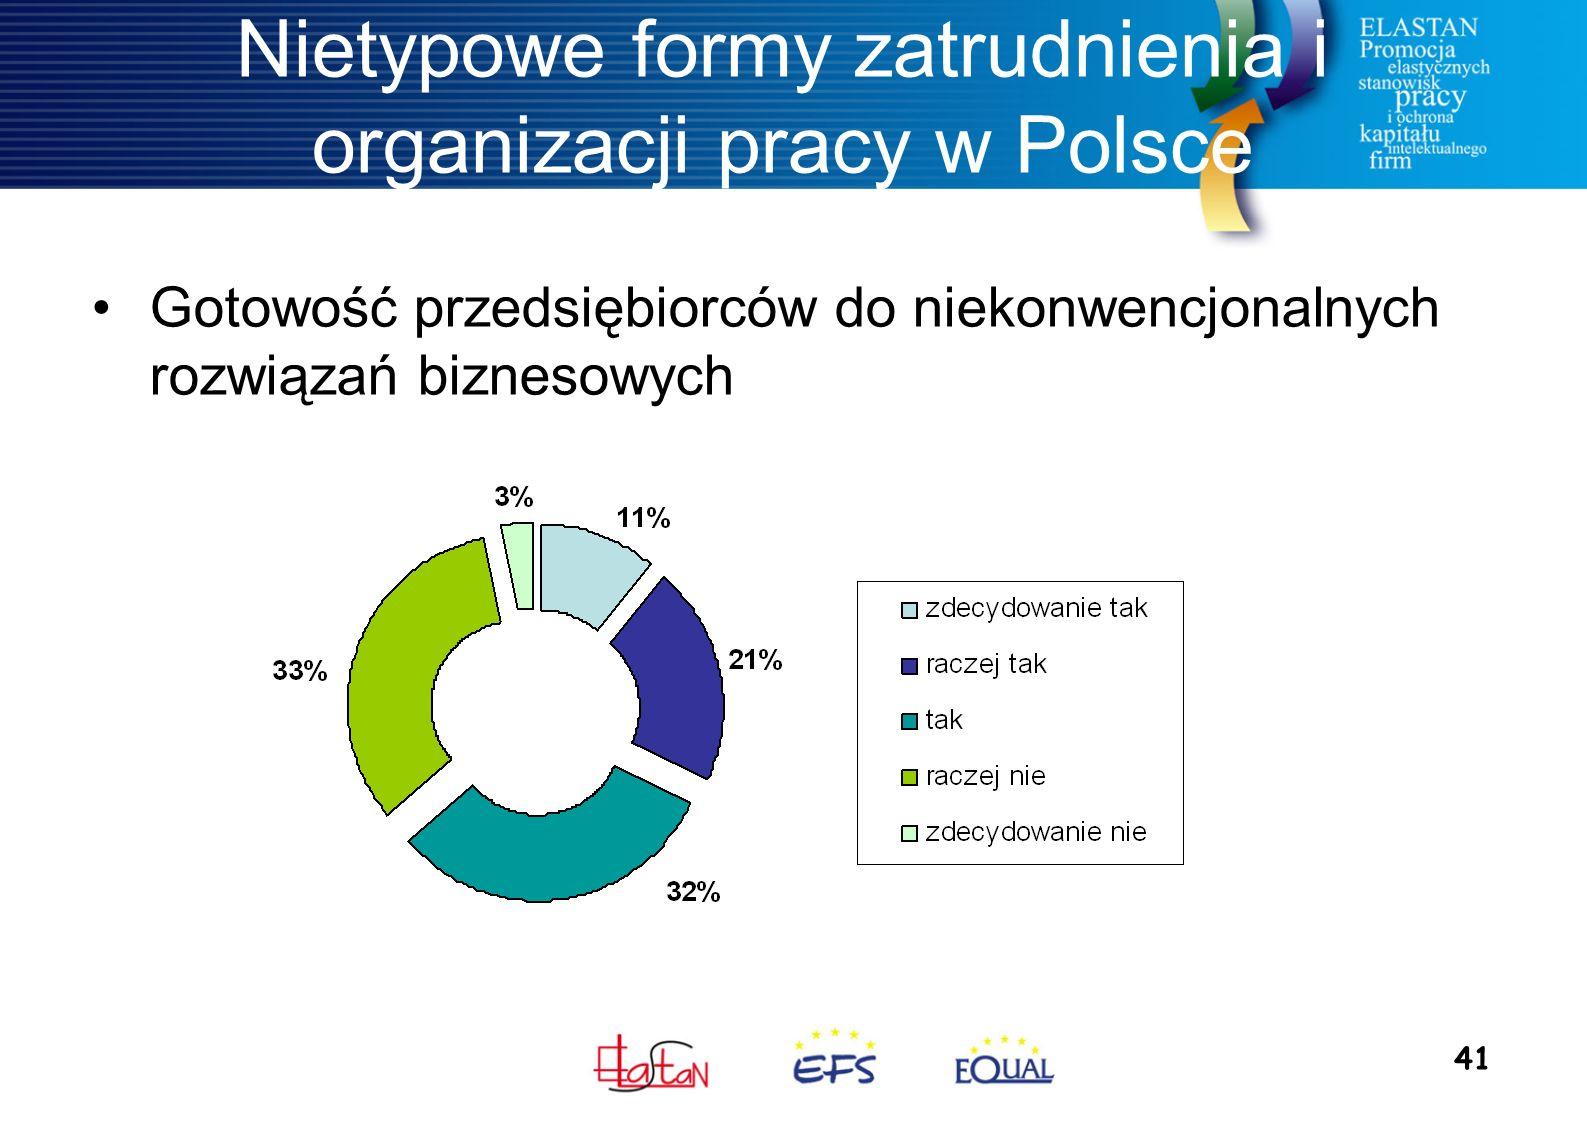 41 Nietypowe formy zatrudnienia i organizacji pracy w Polsce Gotowość przedsiębiorców do niekonwencjonalnych rozwiązań biznesowych